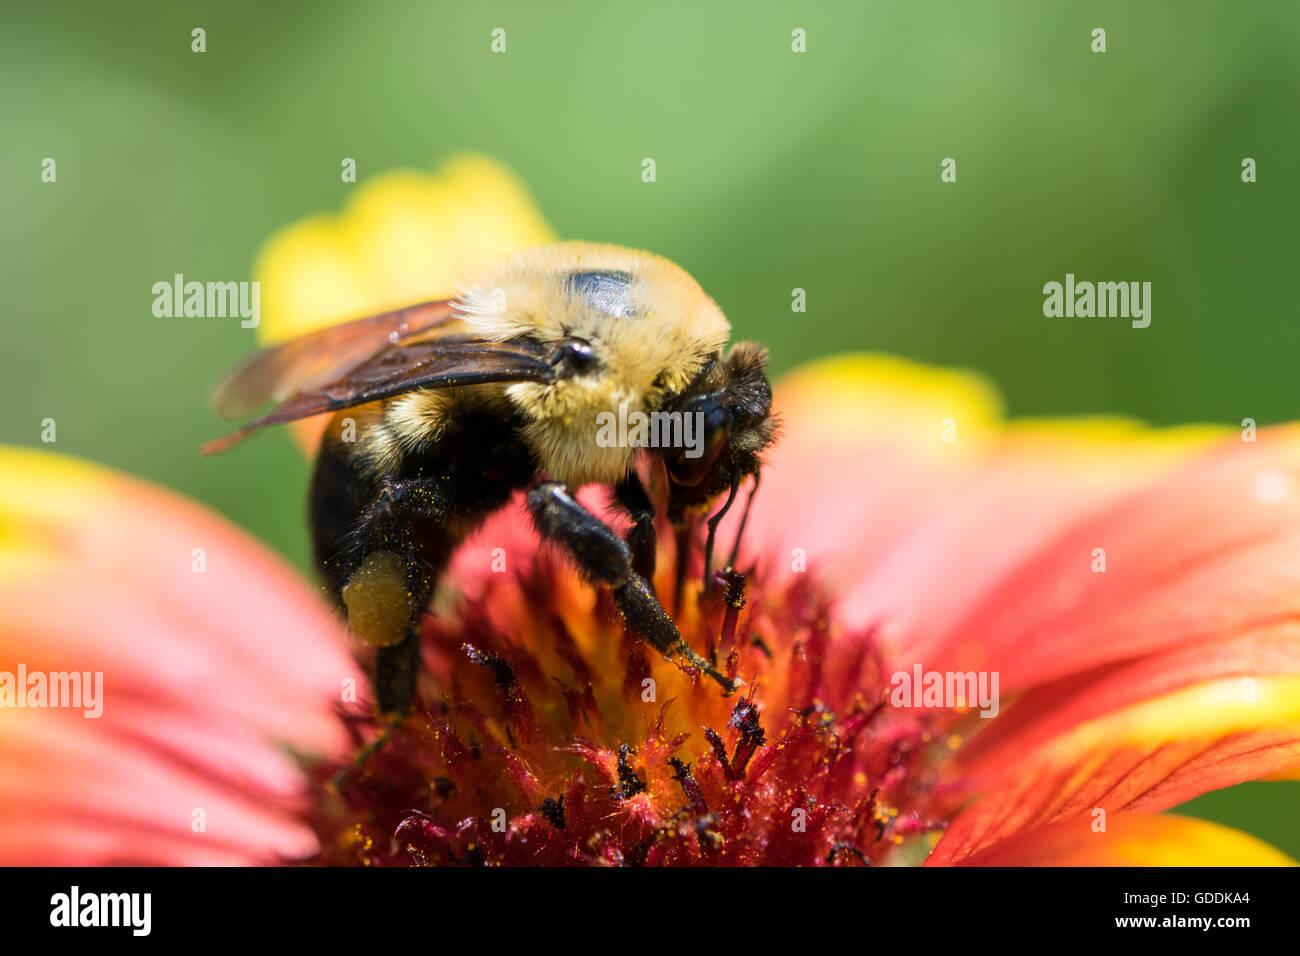 Honigbiene Bestäubung eine Blume Stockfoto